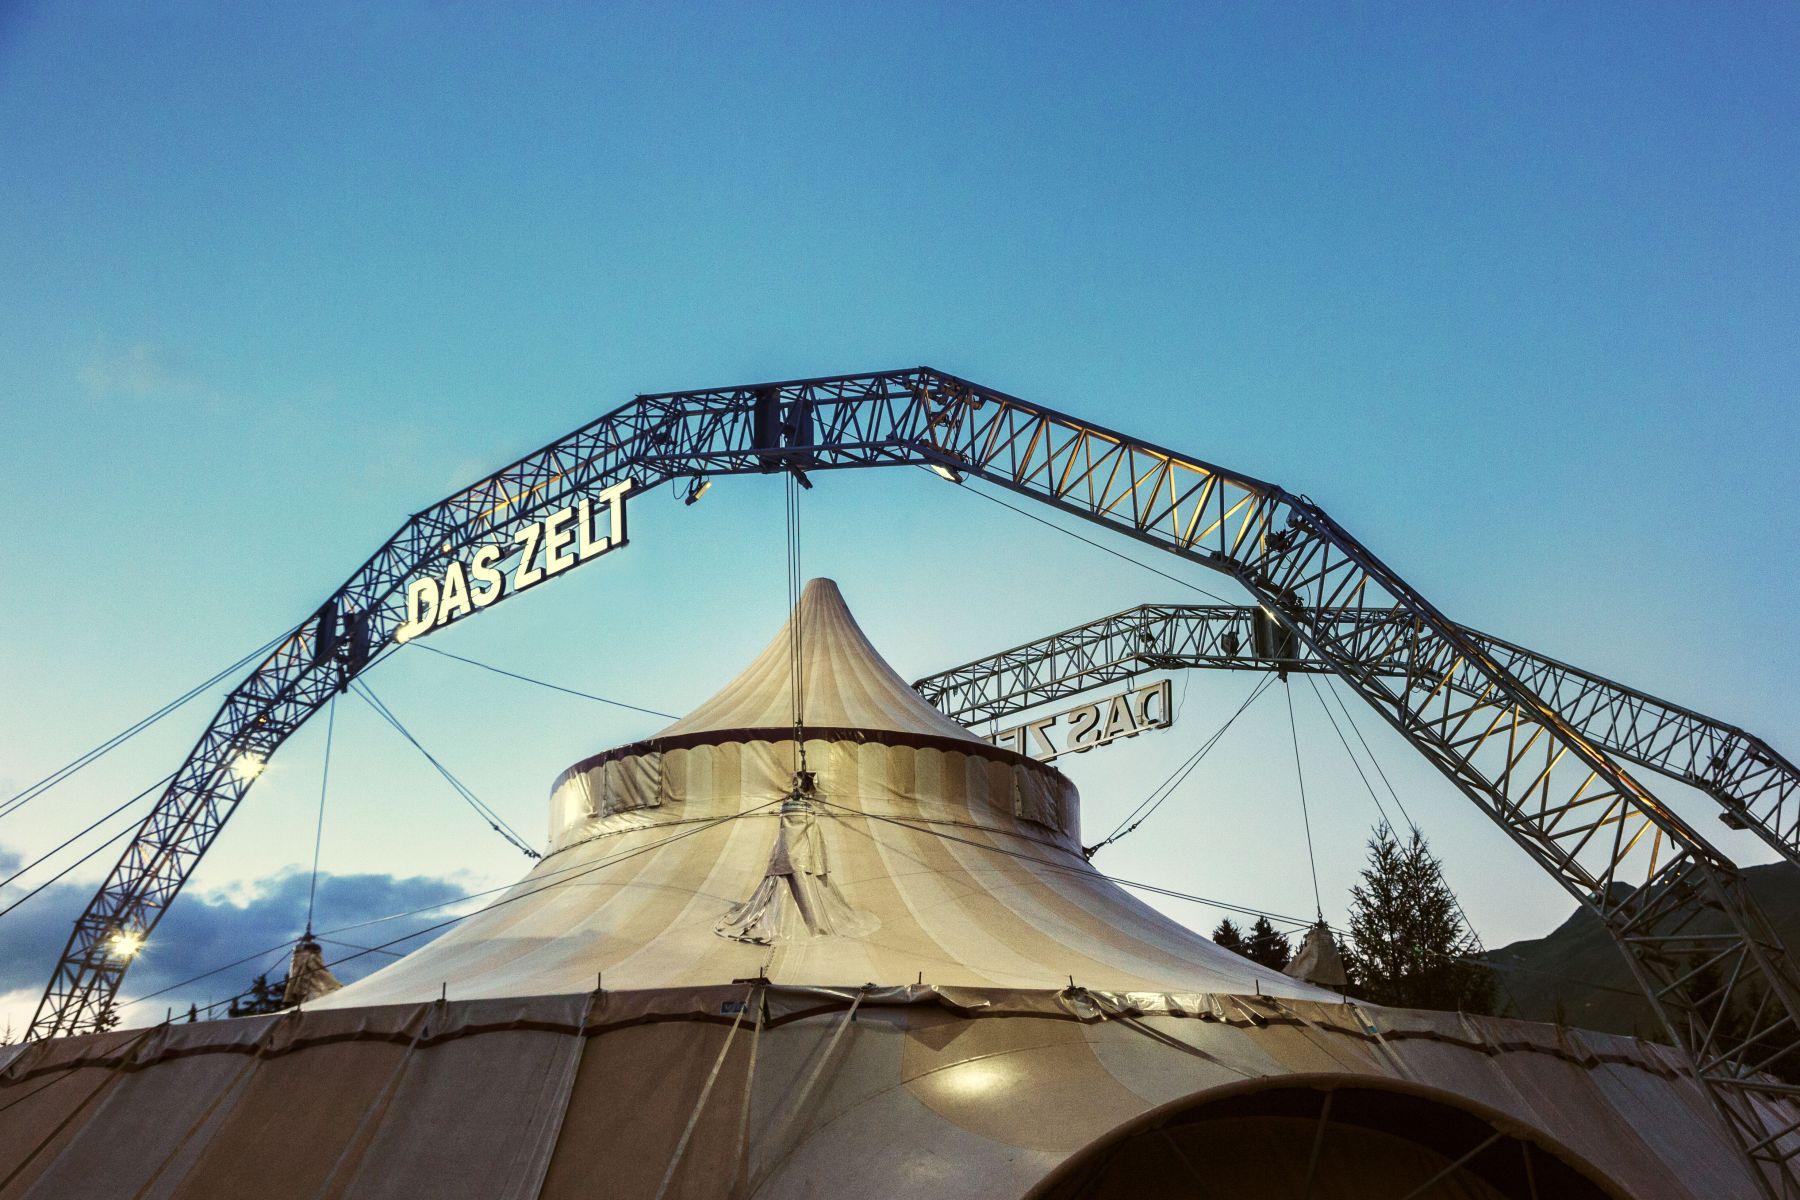 «DAS ZELT» in Pratteln, Eidgenössisches Schwing- und Älplerfest Pratteln im Baselbiet | ESAF 2022